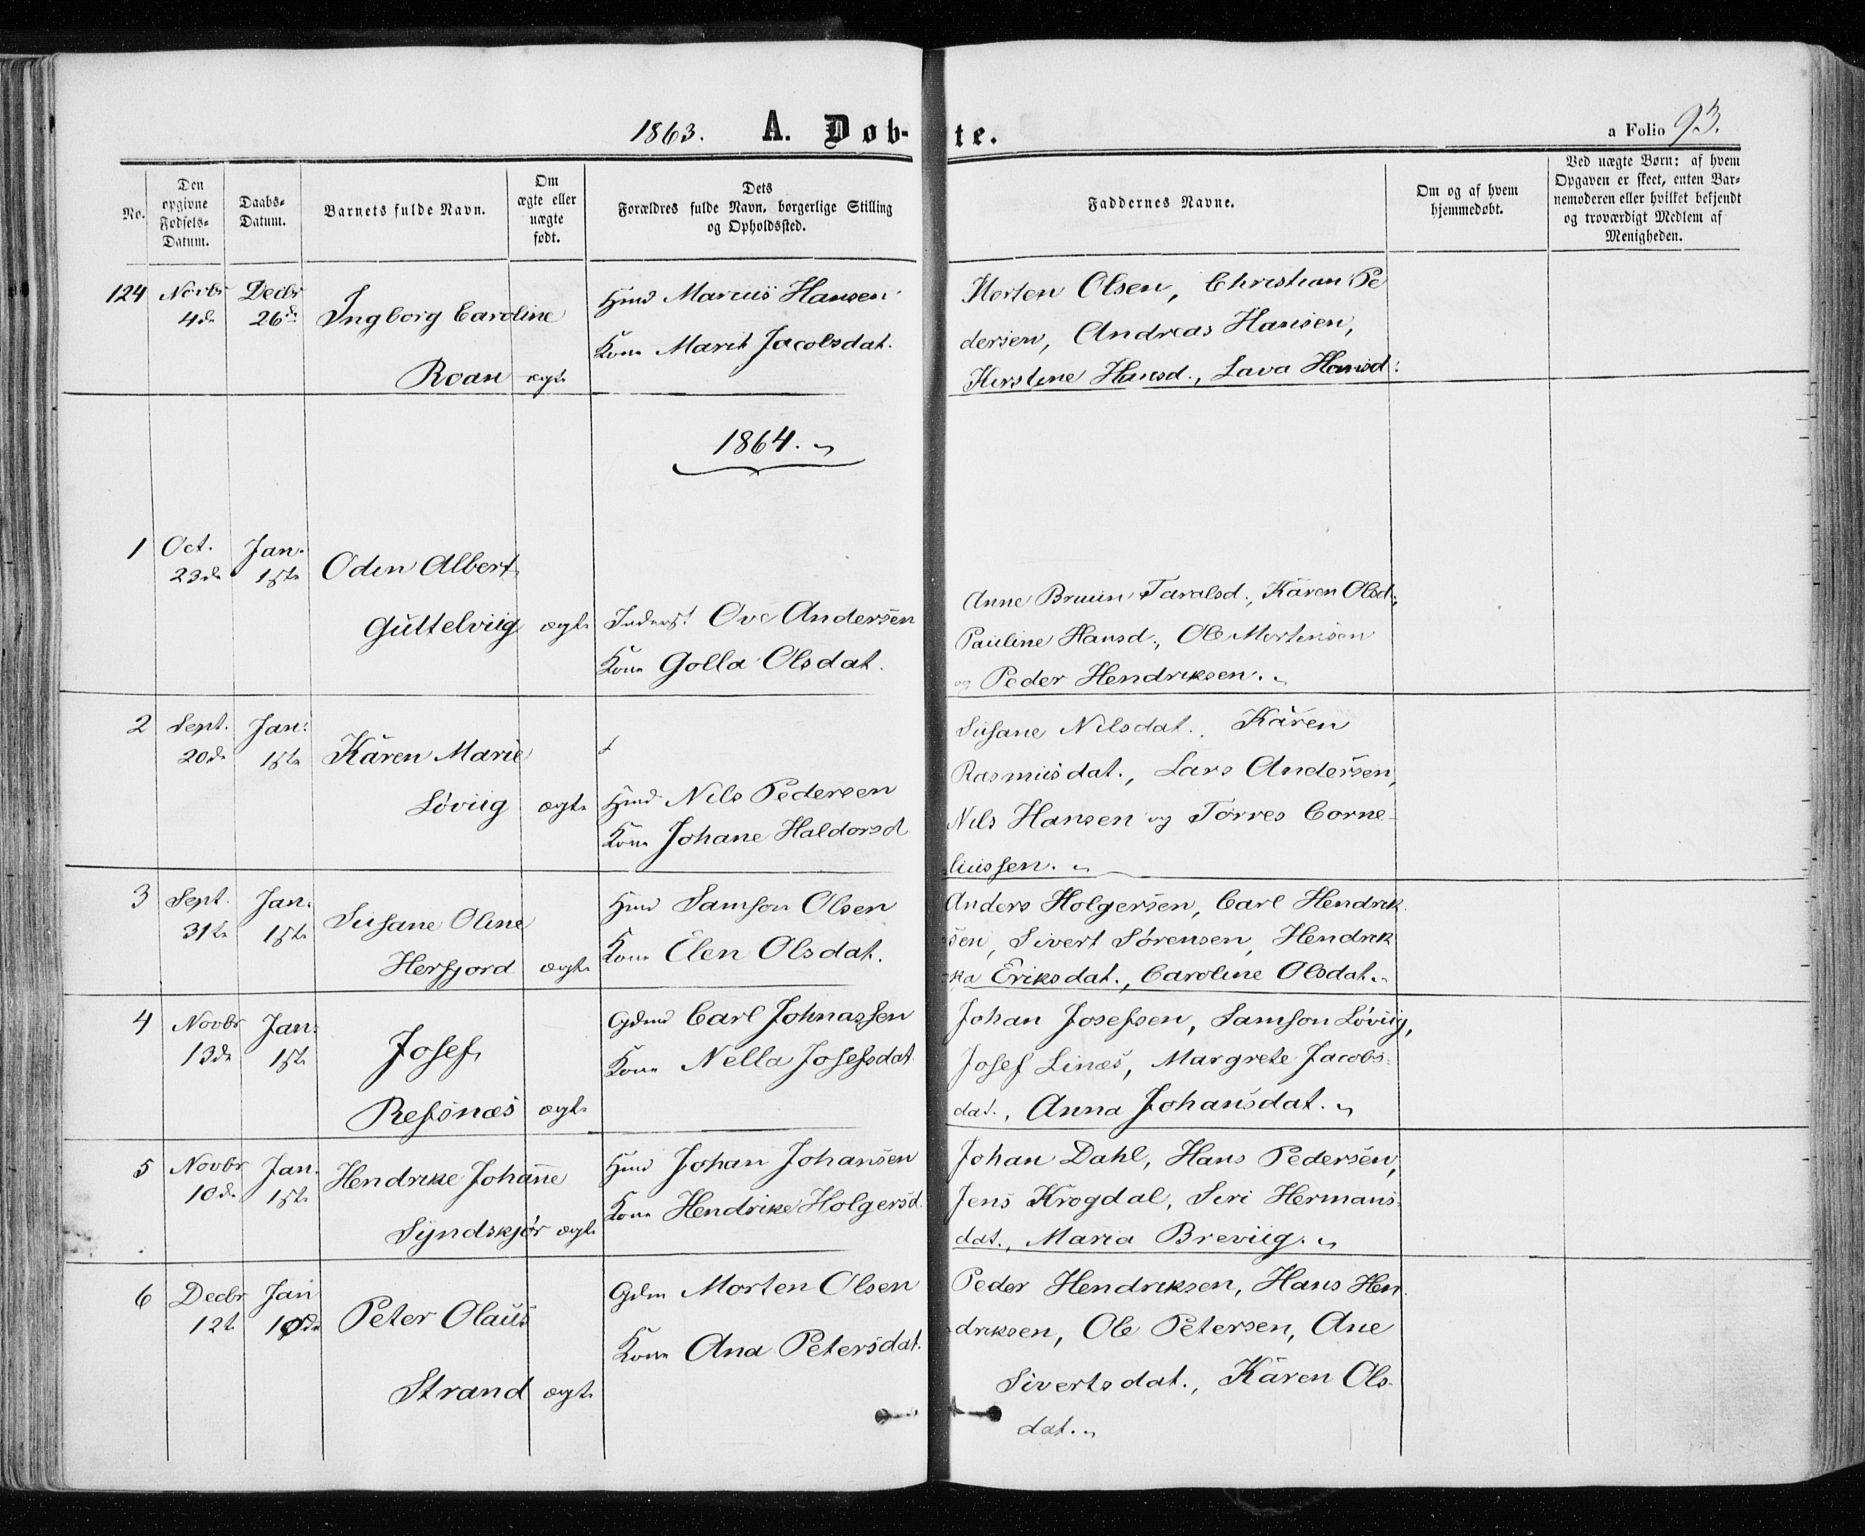 SAT, Ministerialprotokoller, klokkerbøker og fødselsregistre - Sør-Trøndelag, 657/L0705: Ministerialbok nr. 657A06, 1858-1867, s. 93